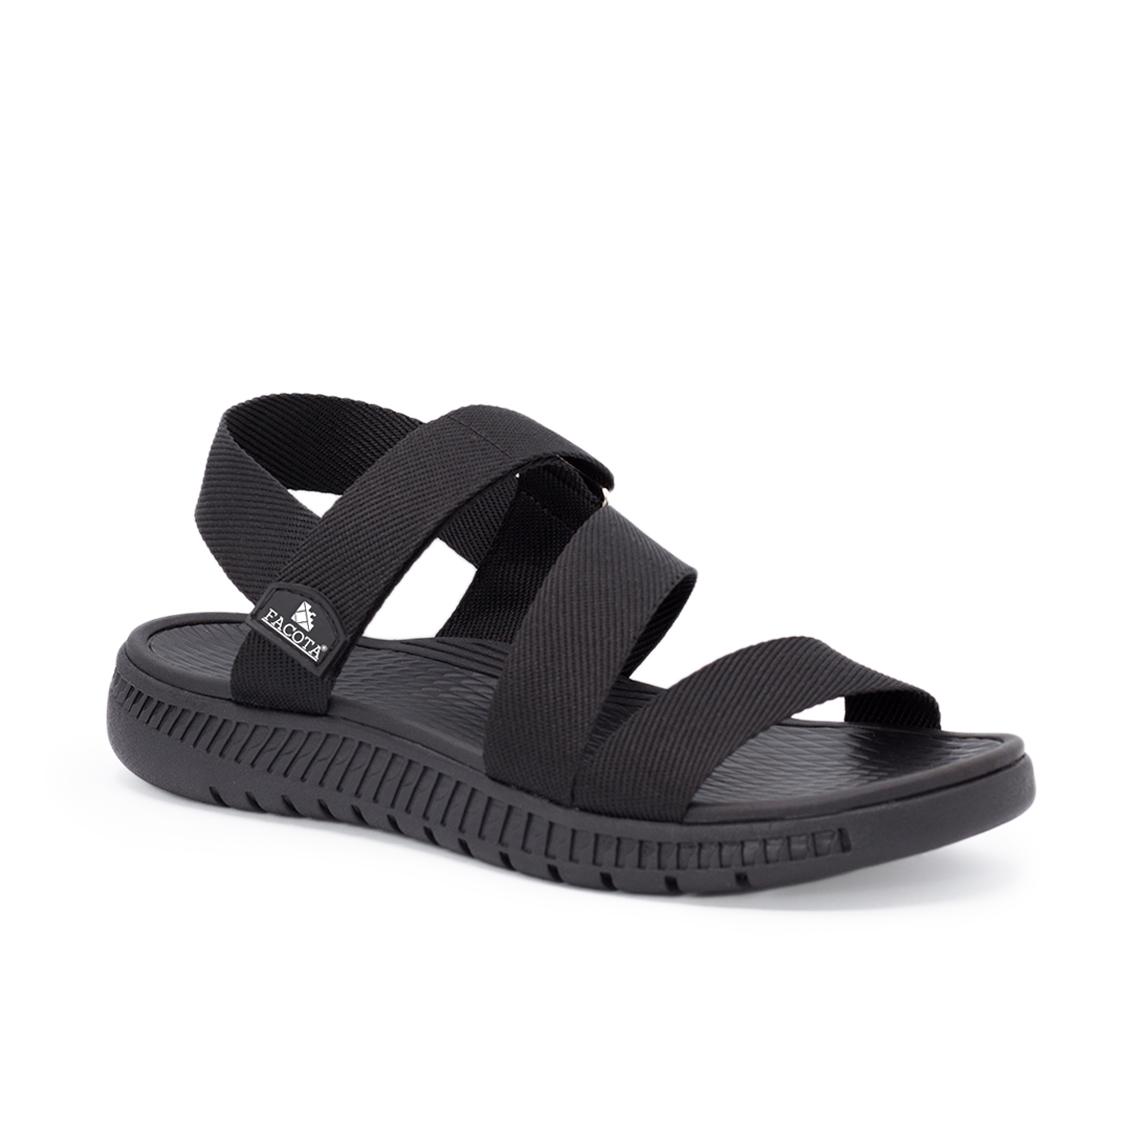 Giày sandal nam Facota V1 Sport HA01 sandal học sinh quai chéo